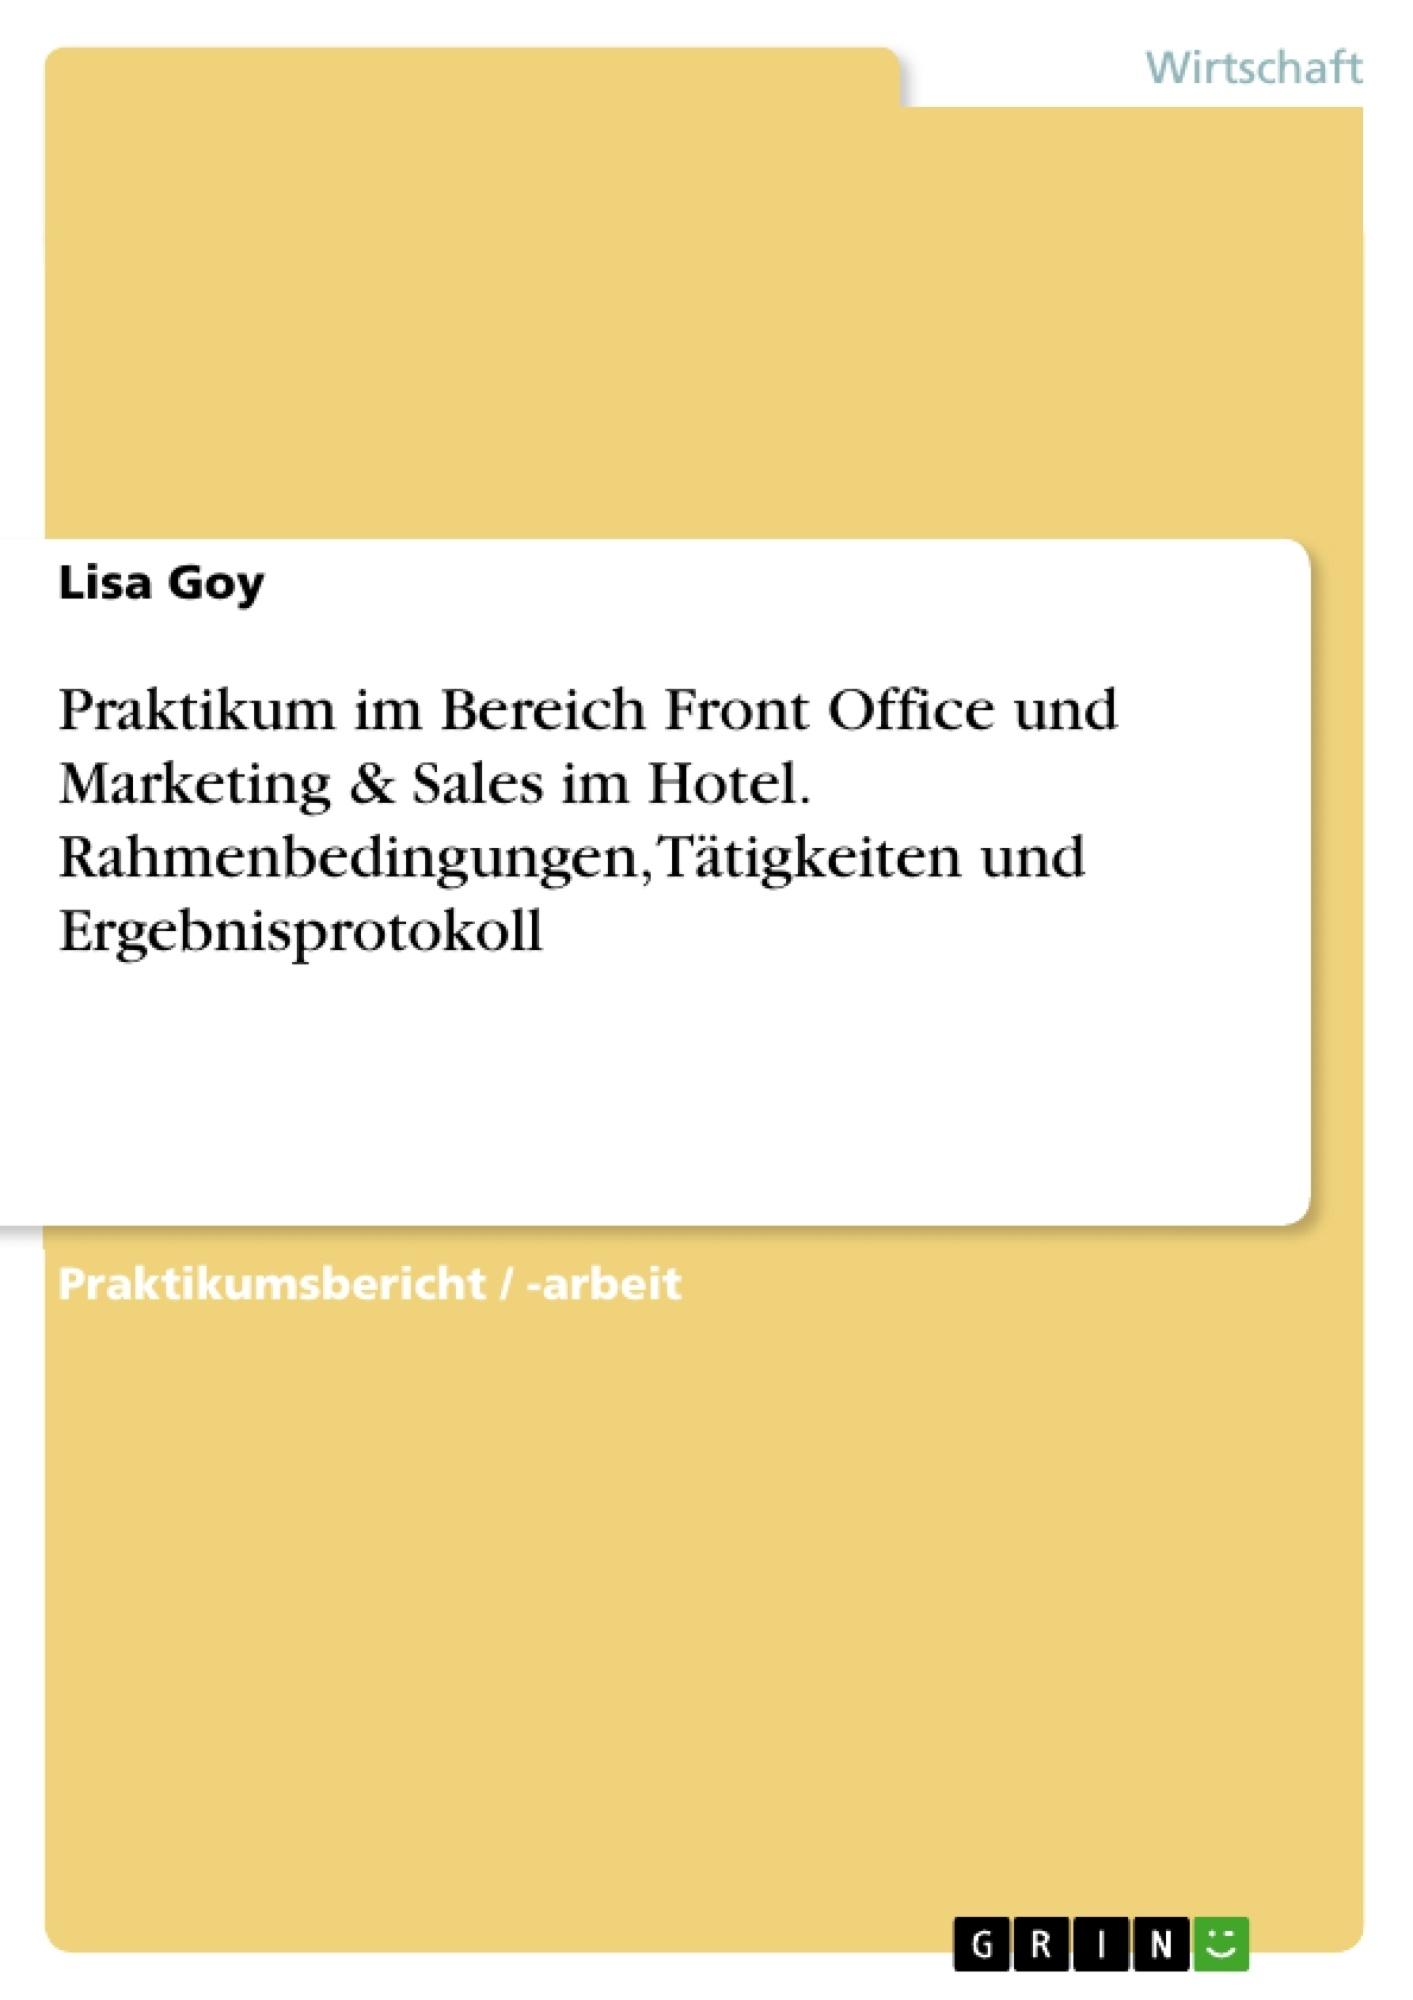 Titel: Praktikum im Bereich Front Office und Marketing & Sales im Hotel. Rahmenbedingungen, Tätigkeiten und Ergebnisprotokoll